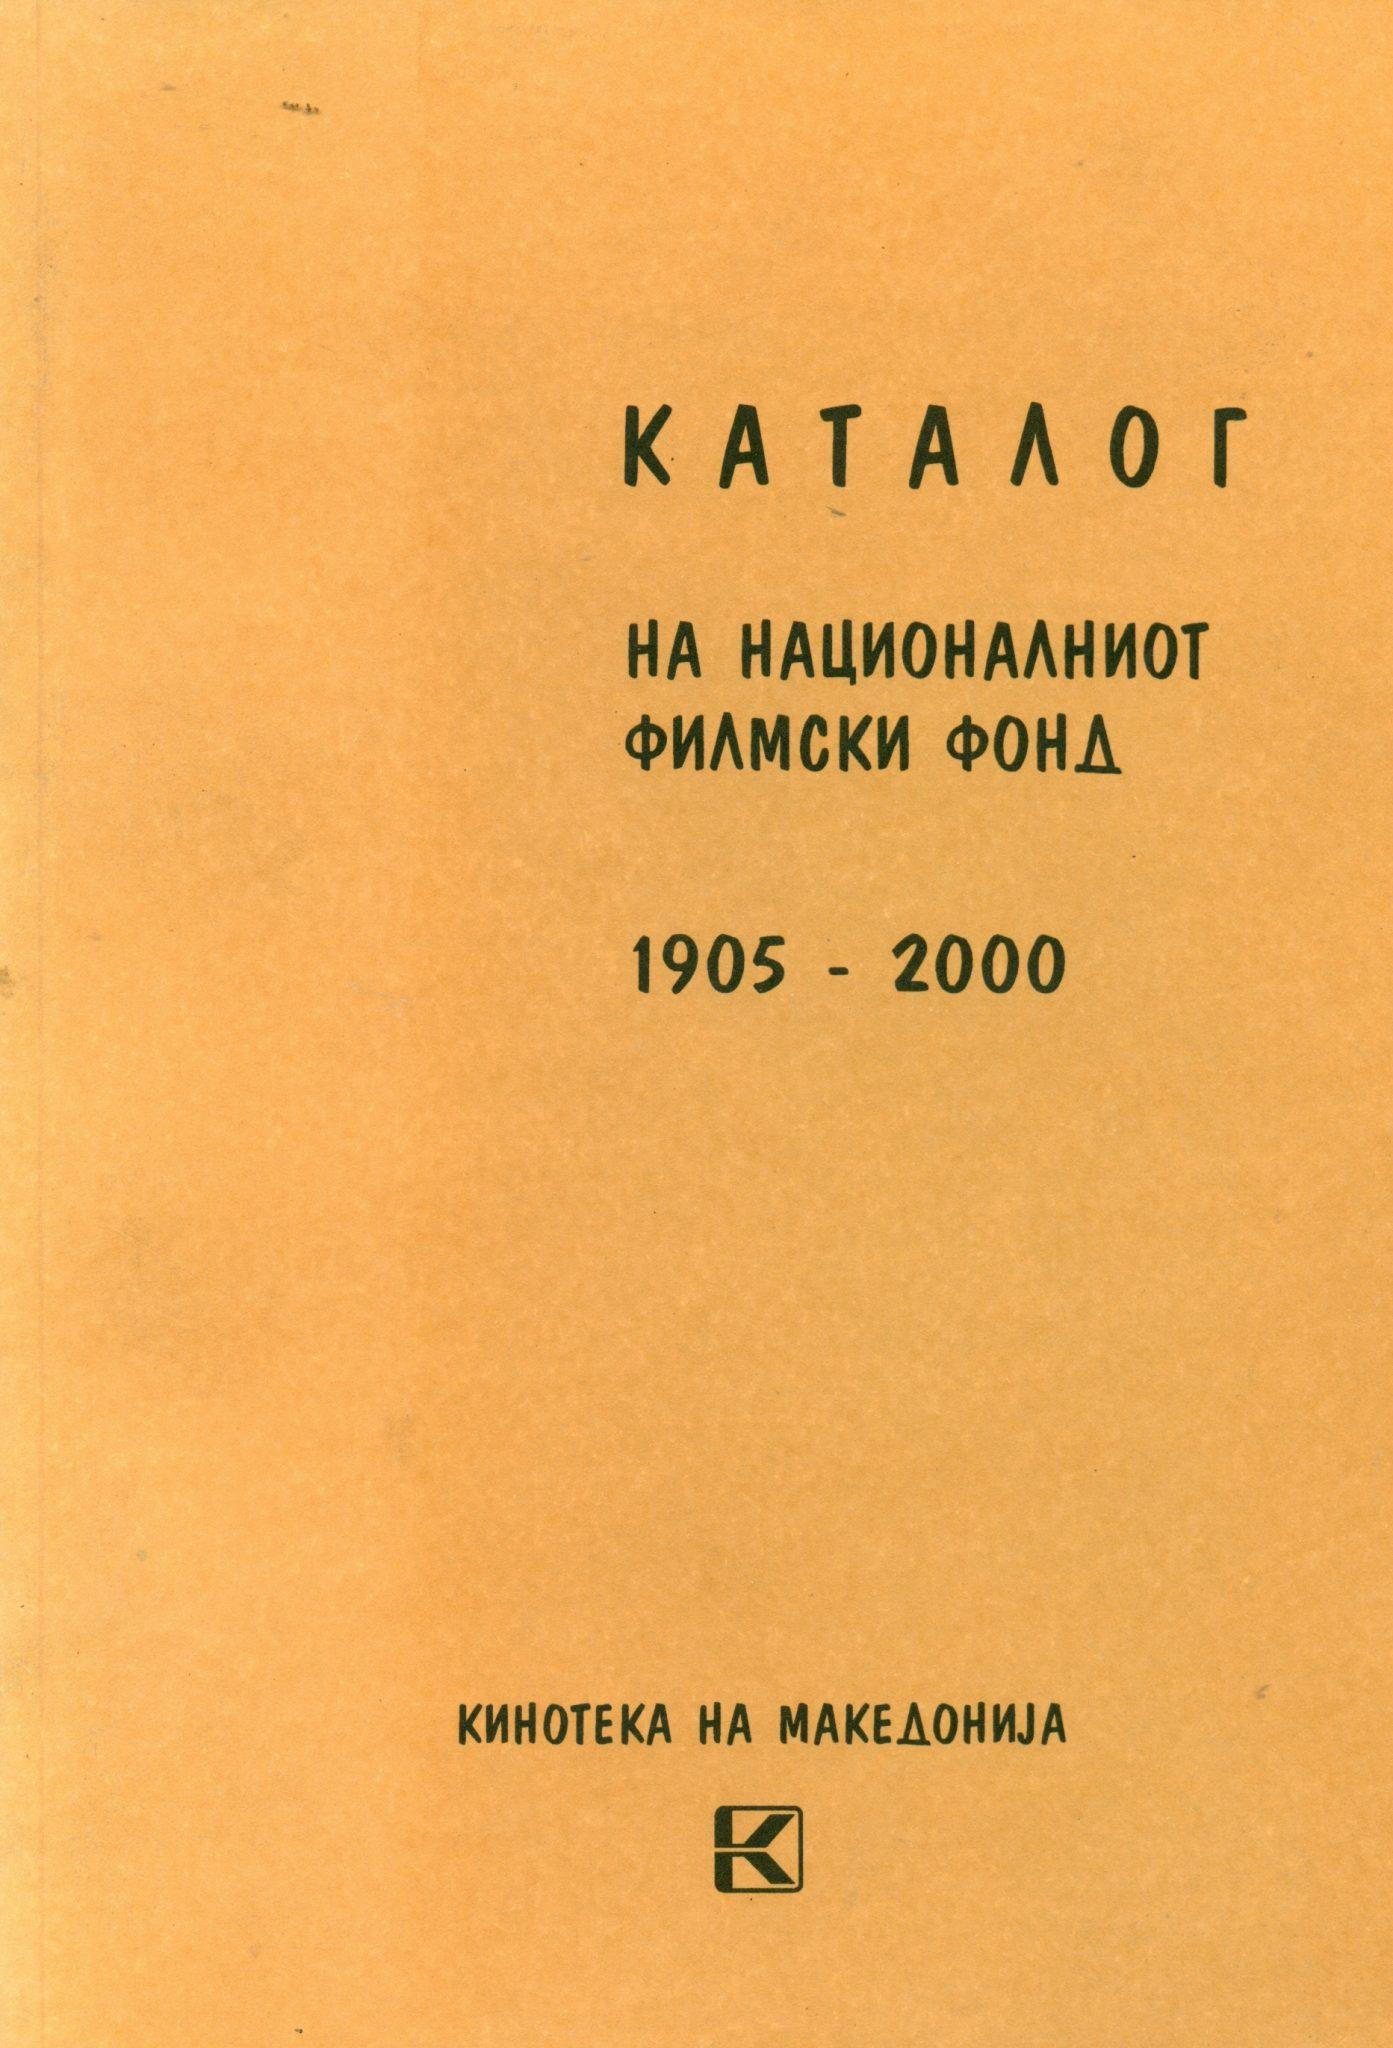 Каталог на националниот филмски фонд1905 – 2000